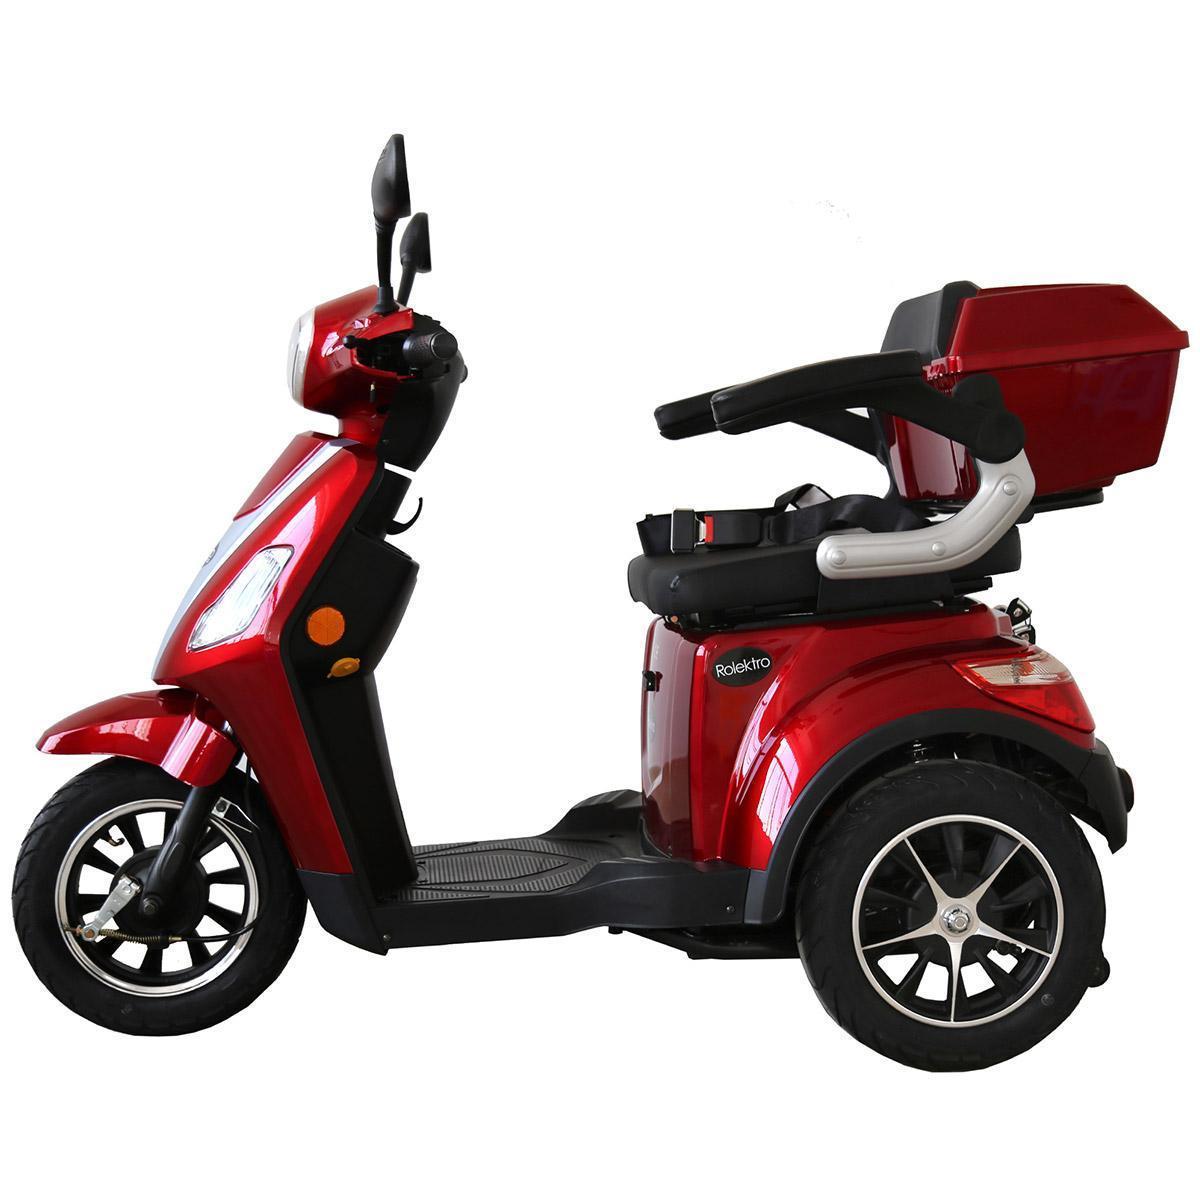 Bild 3 von Rolektro E-Trike 25 V.2, Rot, 1000 Watt